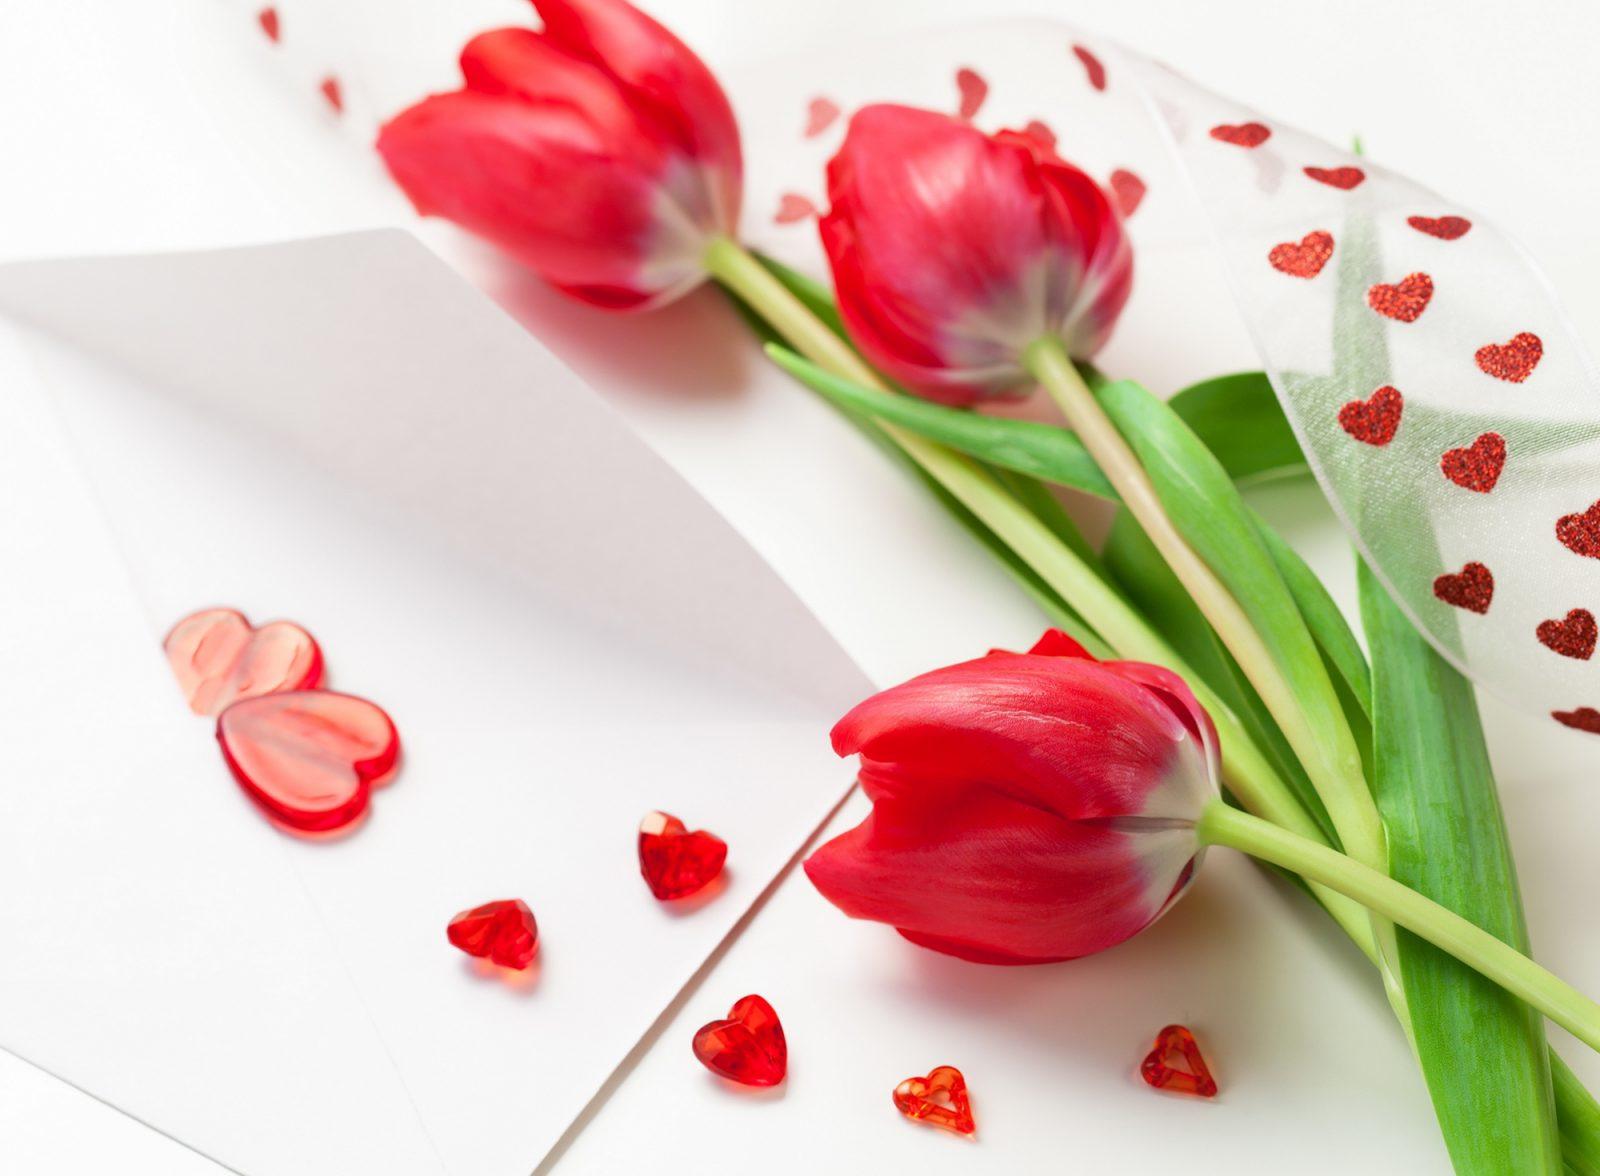 Поздравления с 8 марта: лучшие пожелания и яркие открытки